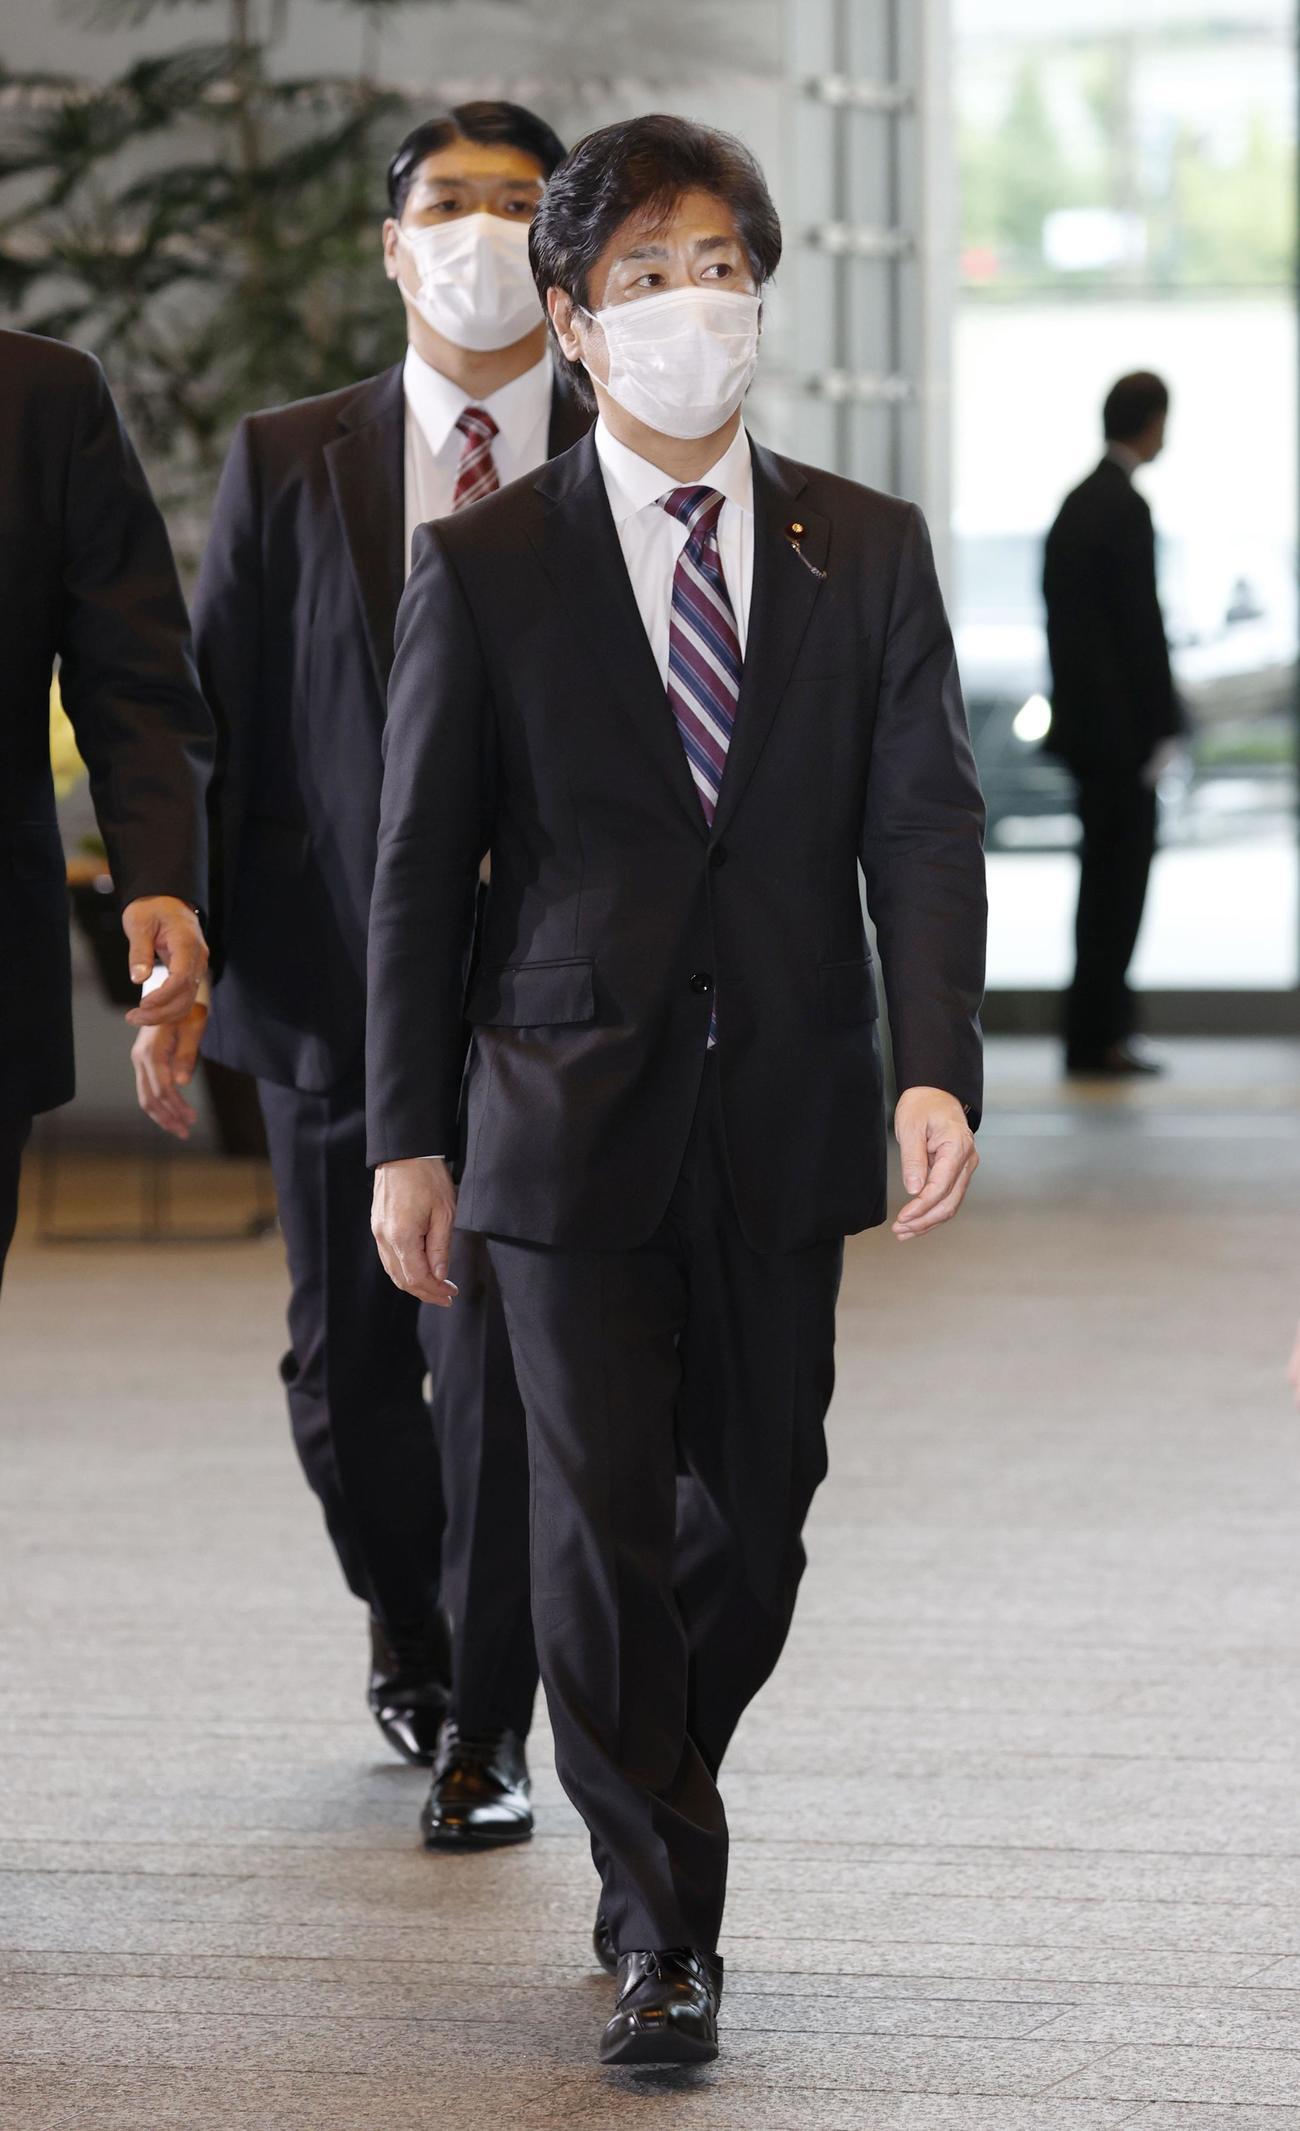 厚労相に決まり、首相官邸に入る田村憲久氏(共同)